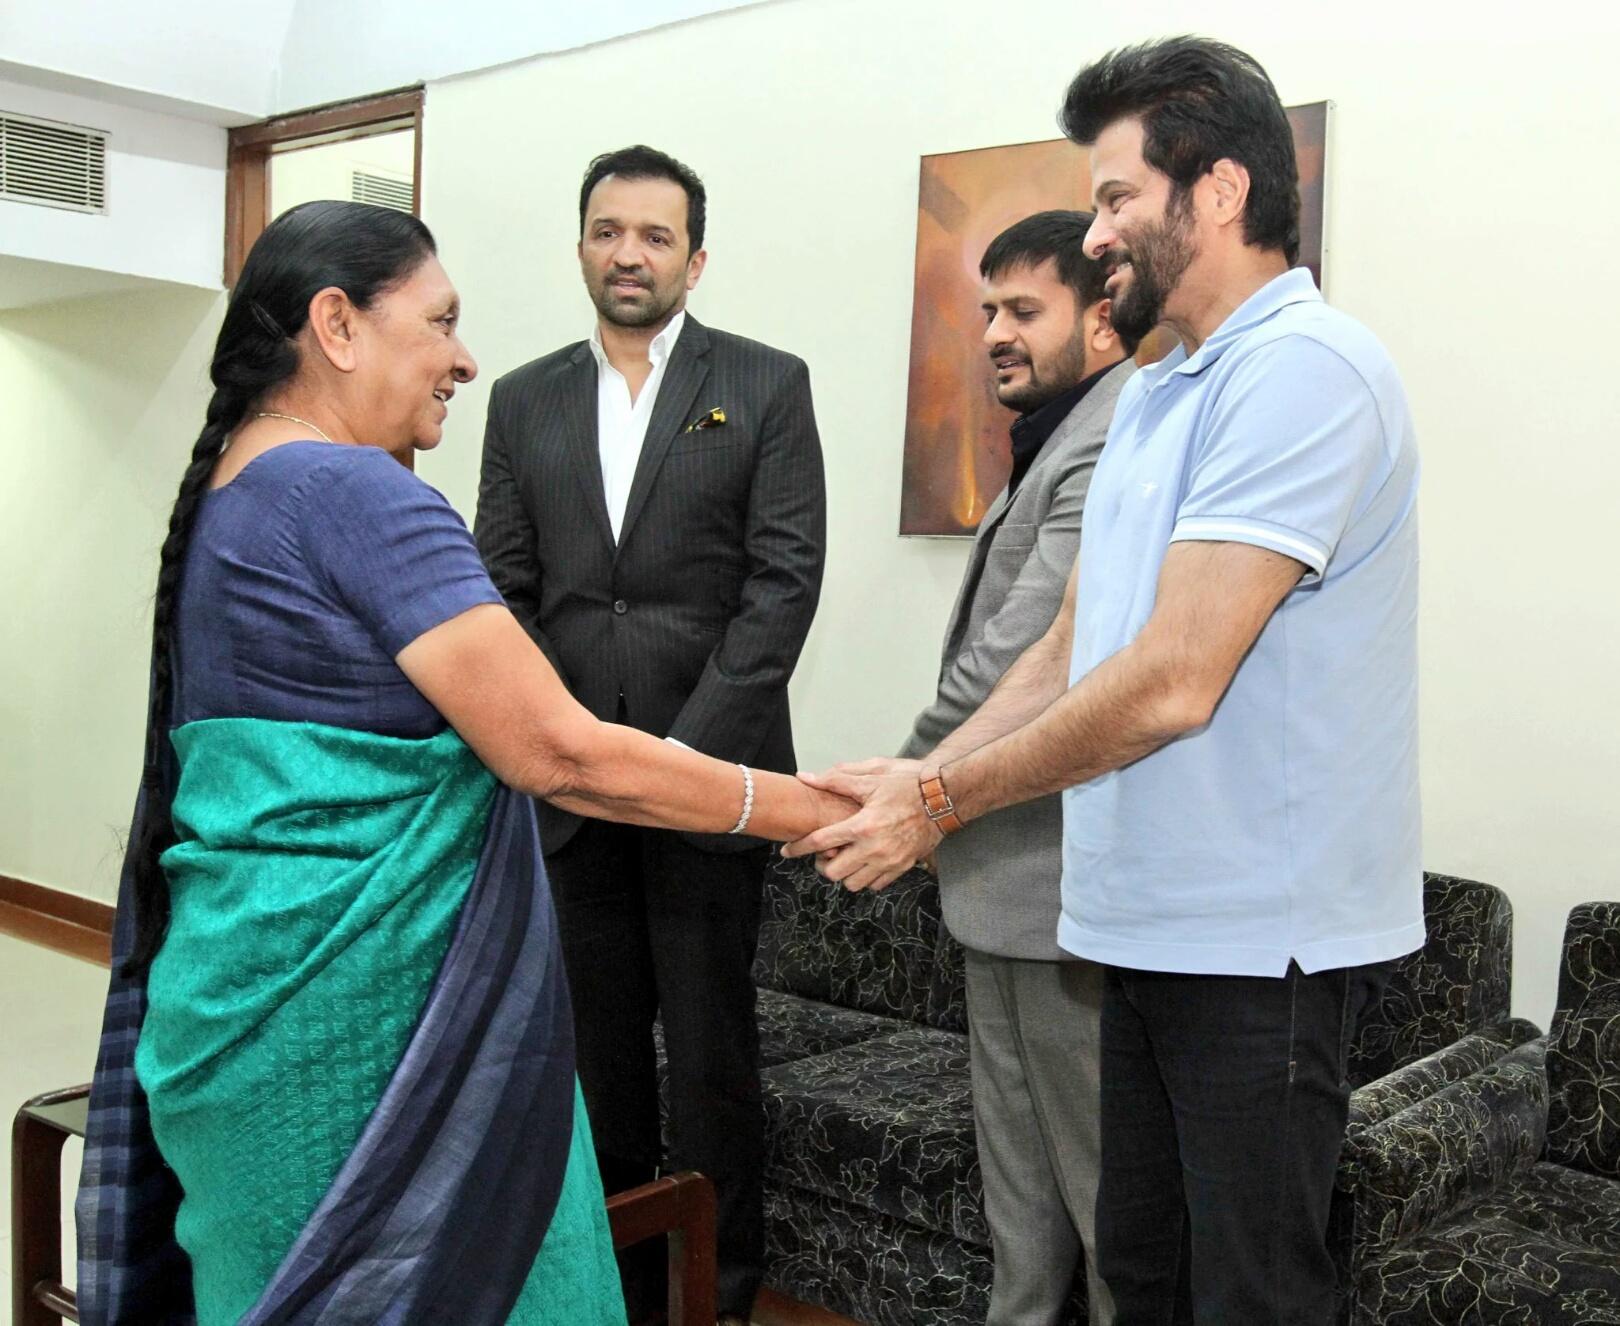 ગુજરાતના મુખ્યમંત્રીની શૂભેચ્છા મુલાકાત લેતા ફિલ્મ અભિનેતા અનિલ કપૂર